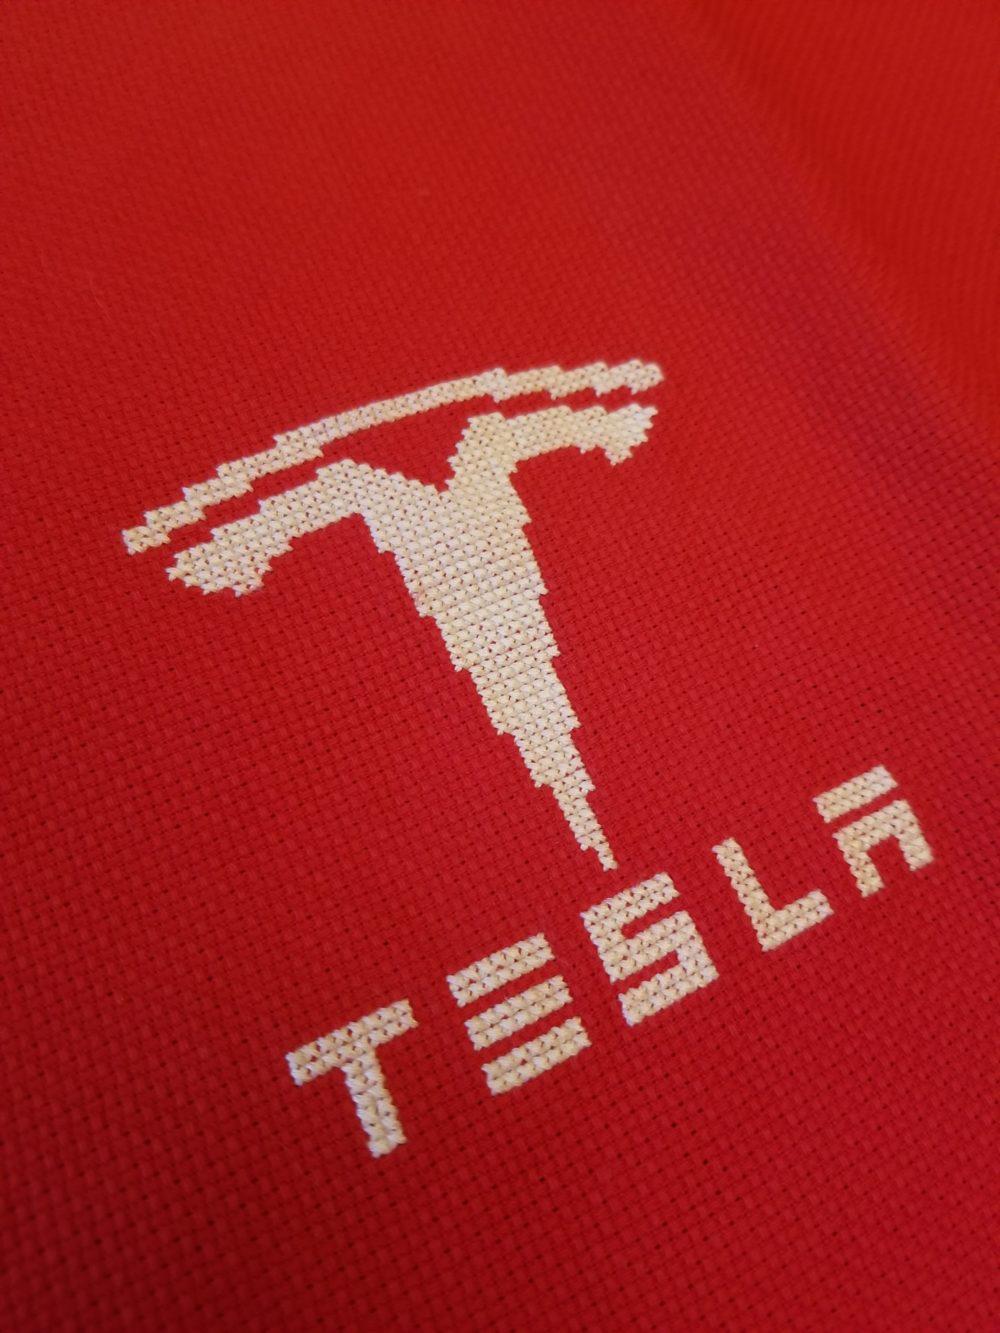 Tesla Cross Stitch